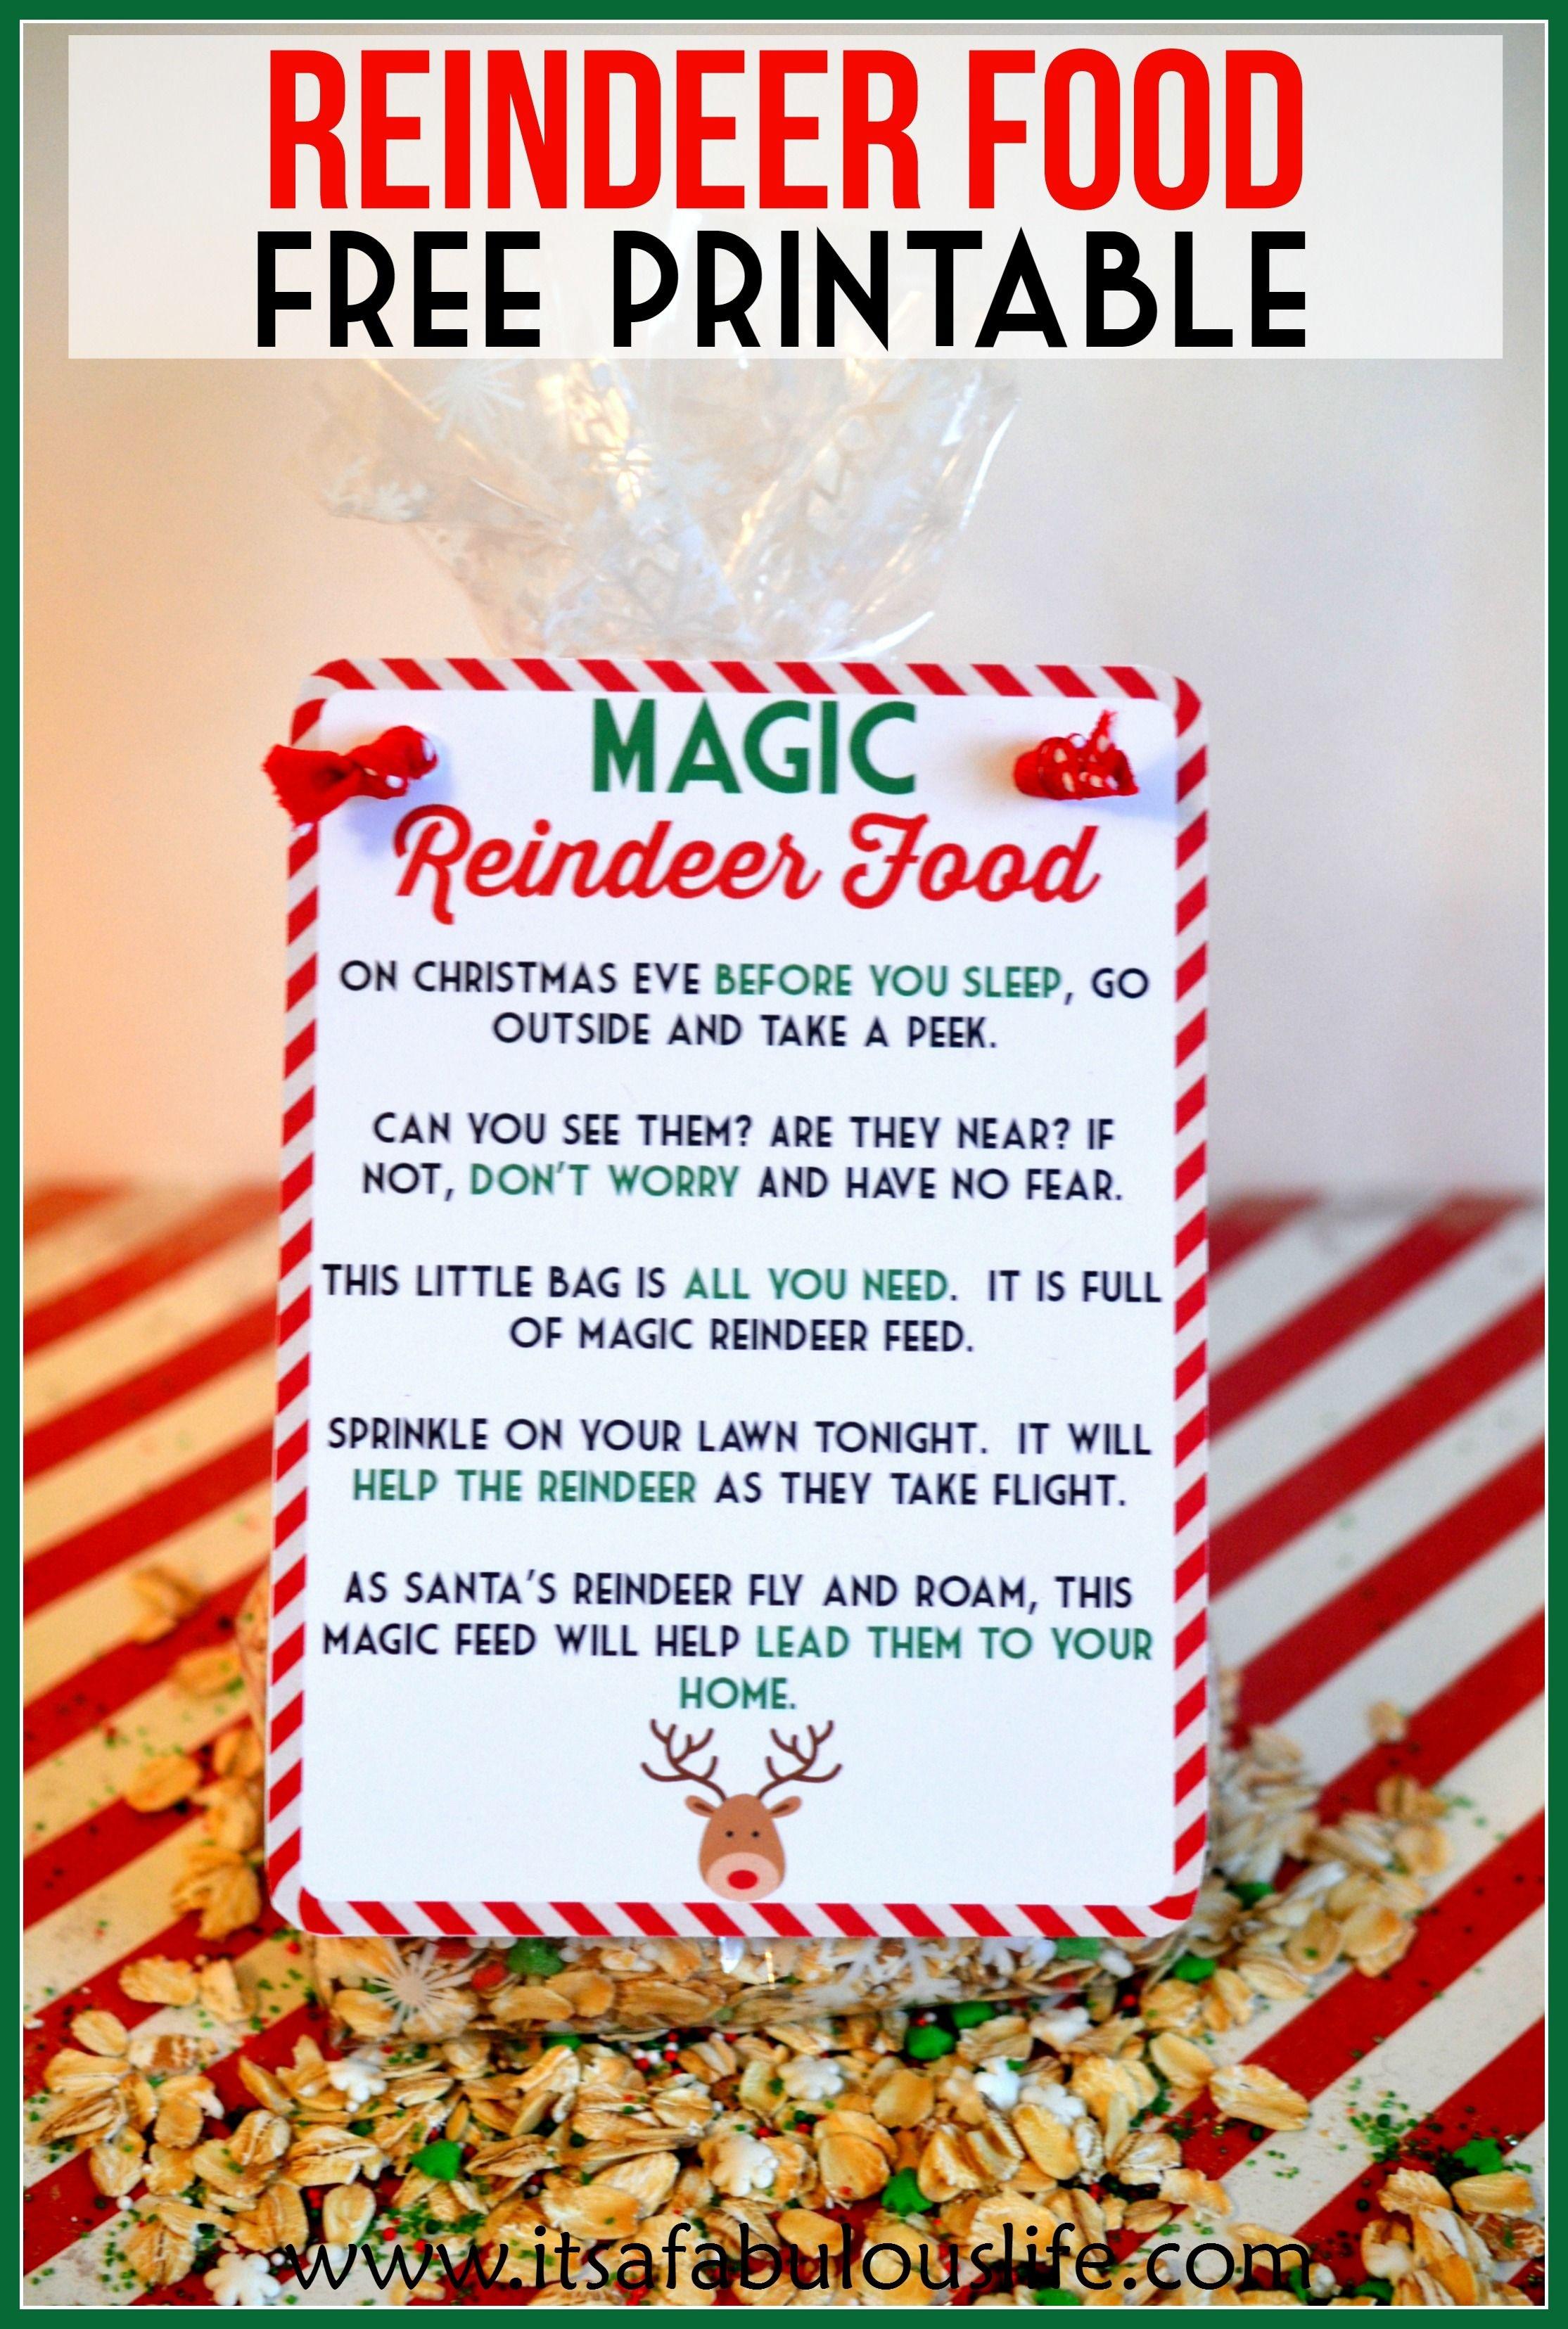 Magic Reindeer Food Poem & Free Printable - It's A Fabulous Life - Reindeer Food Poem Free Printable